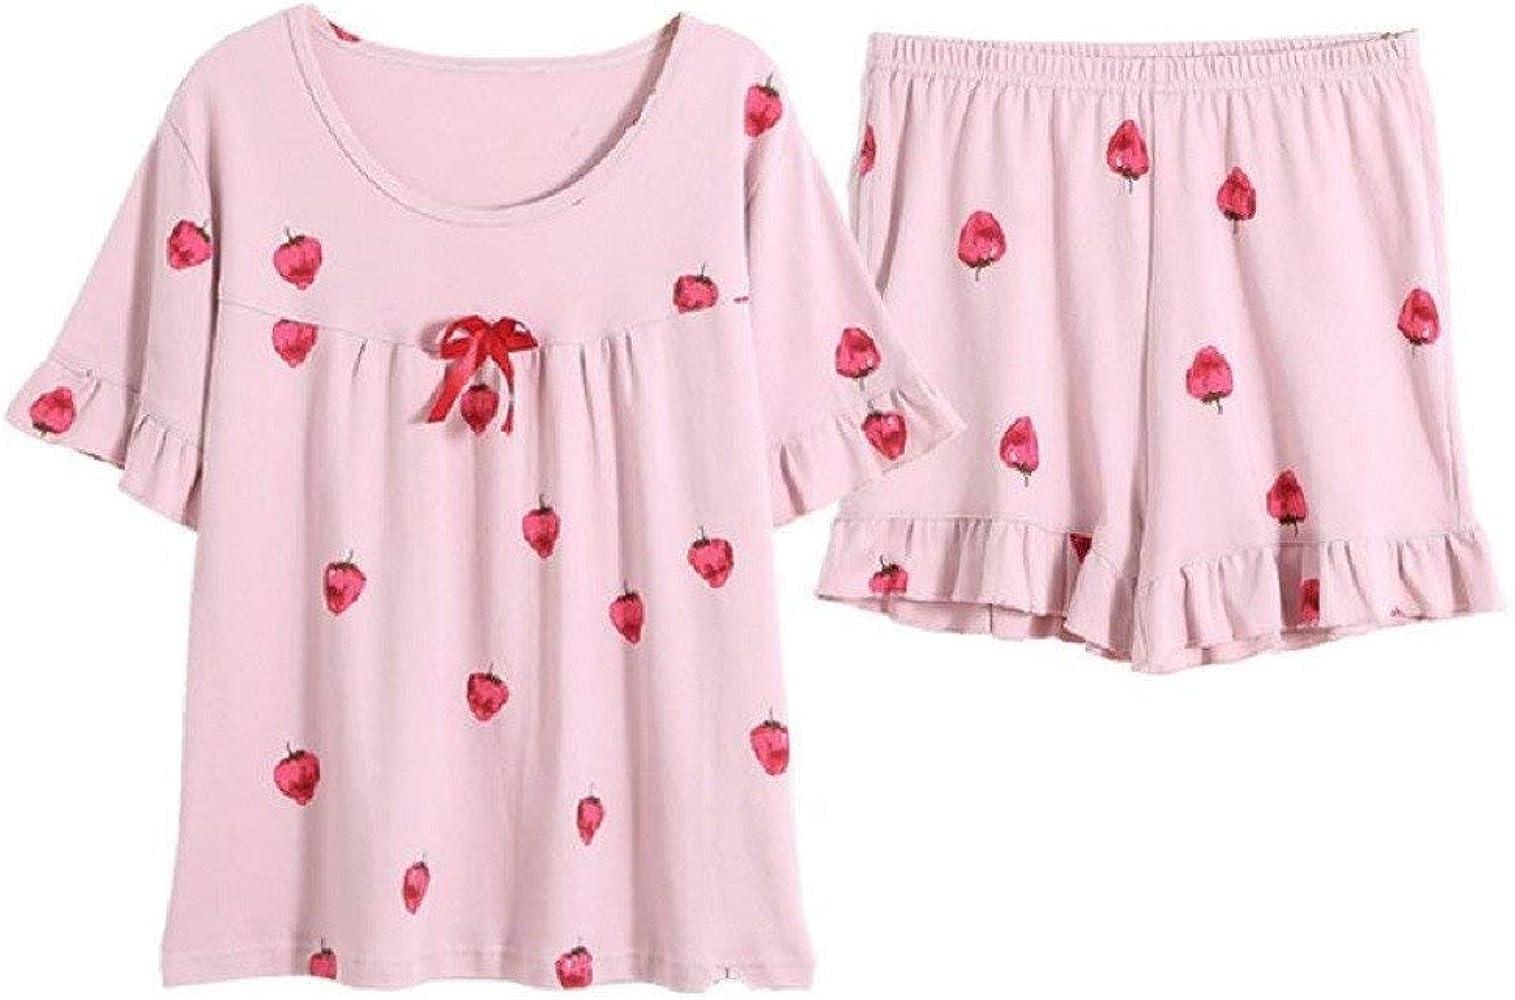 Pijamas Mujer Verano Algodón Manga Corta Y Dulce Encantador ...